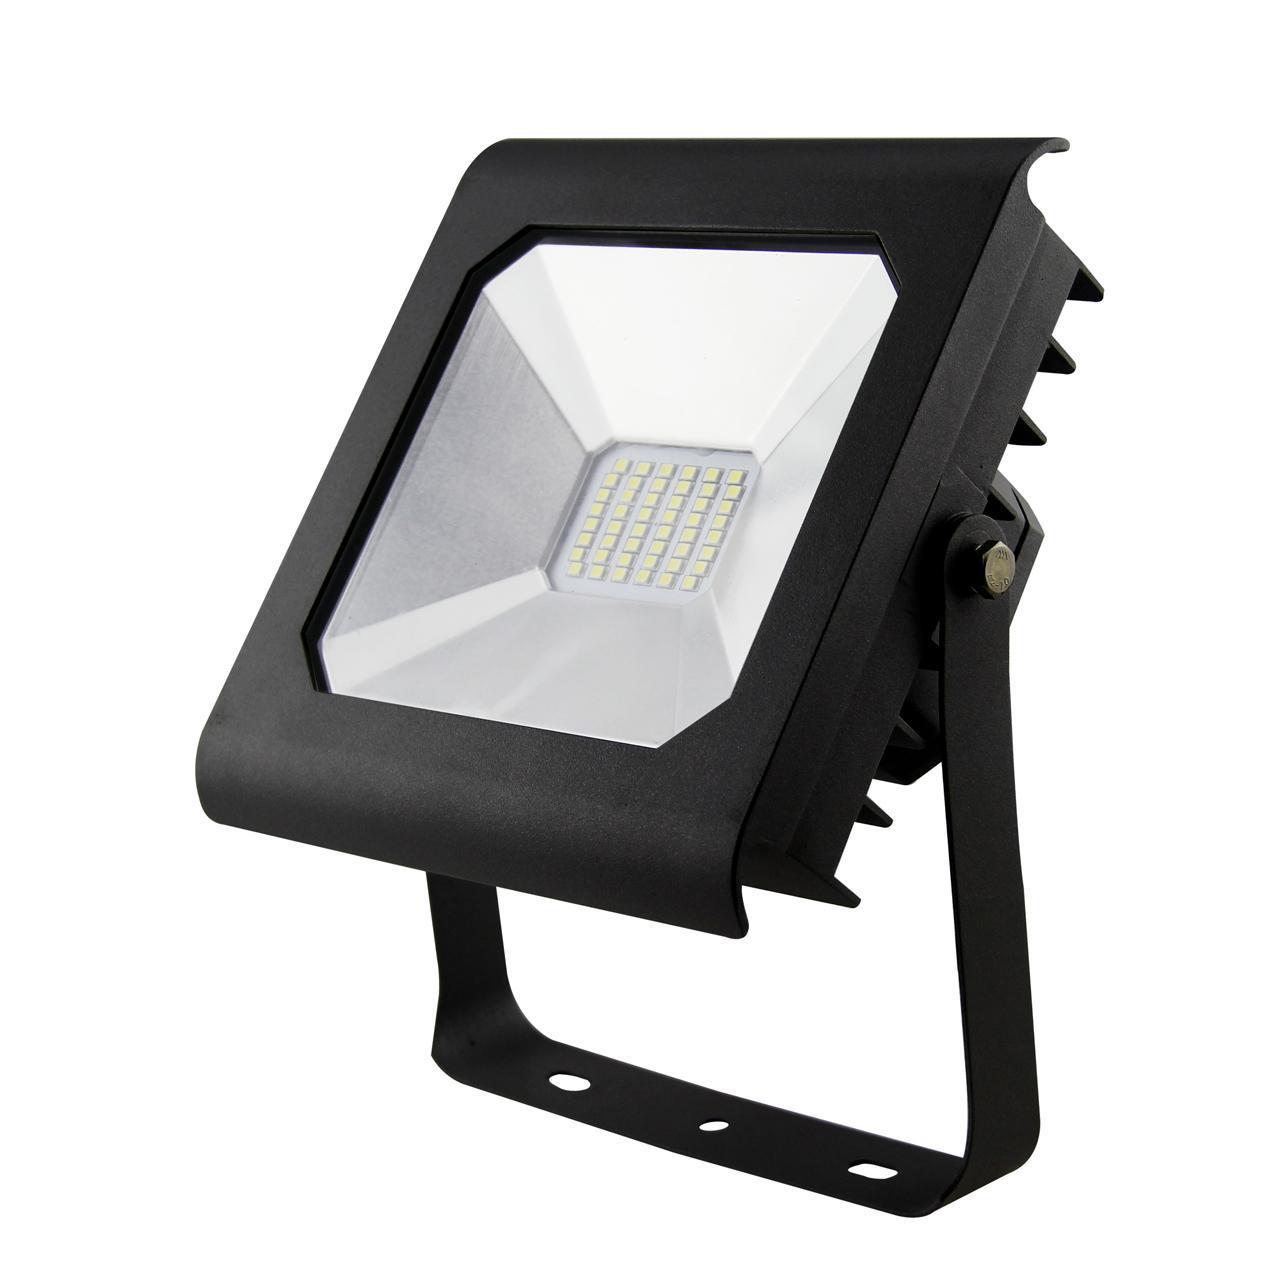 Прожектор Эра LPR-30-2700K-M SMD PRO, 30 Вт